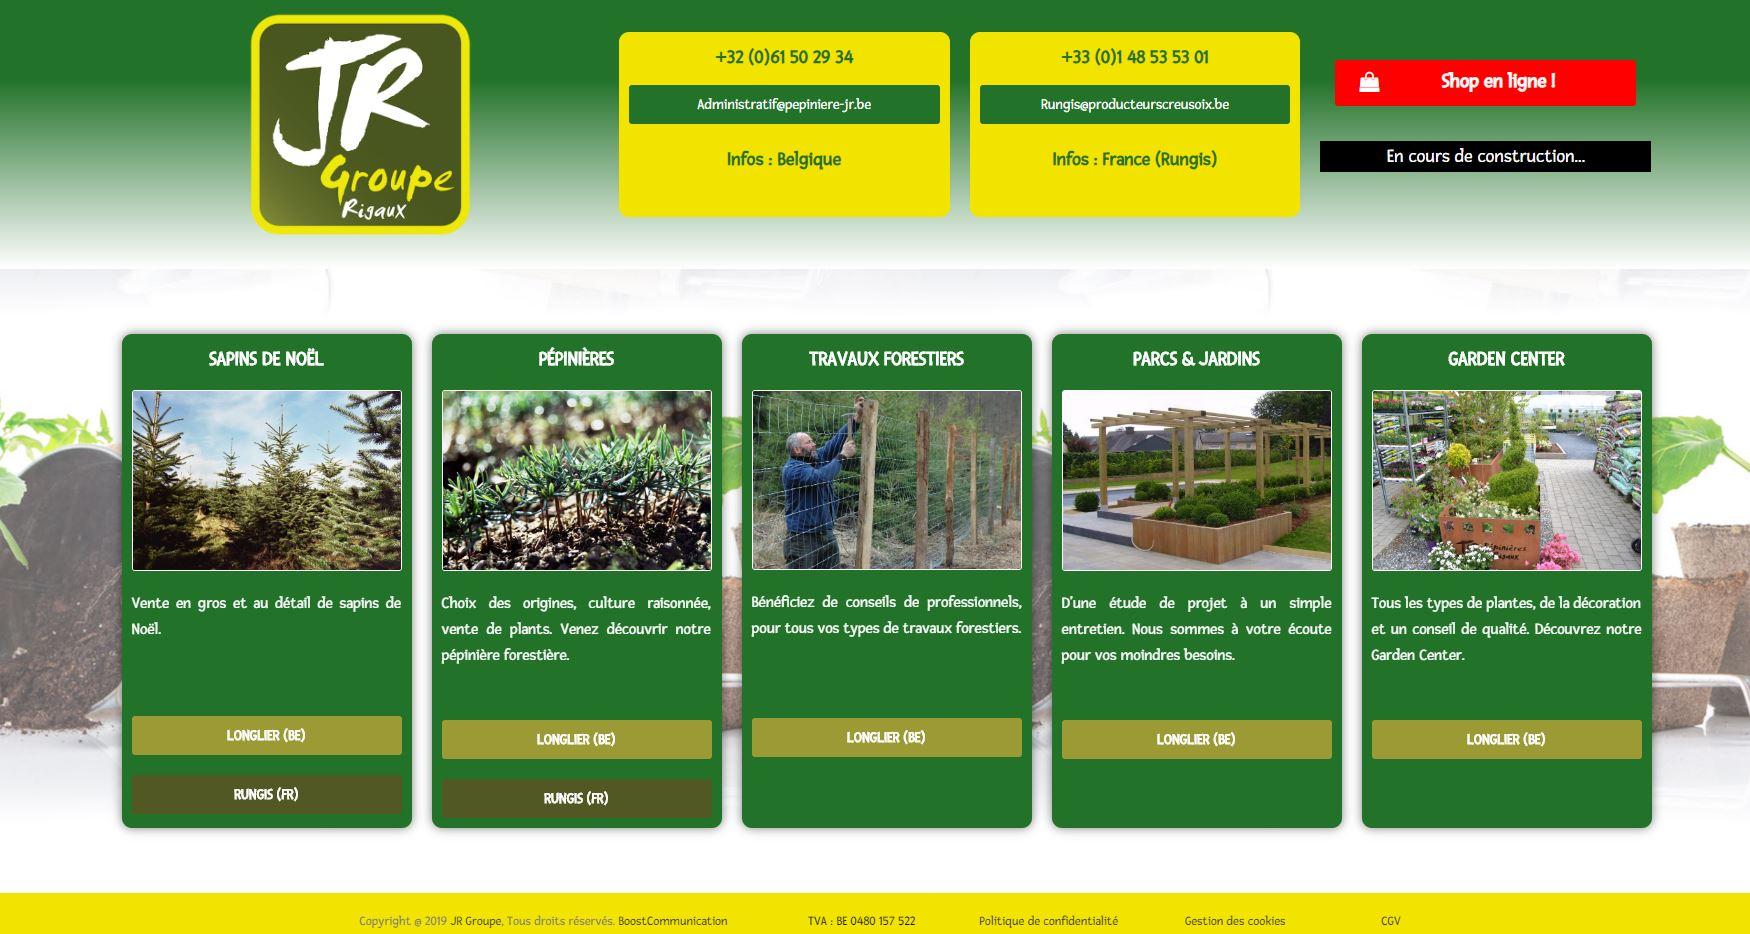 JR Groupe, site web